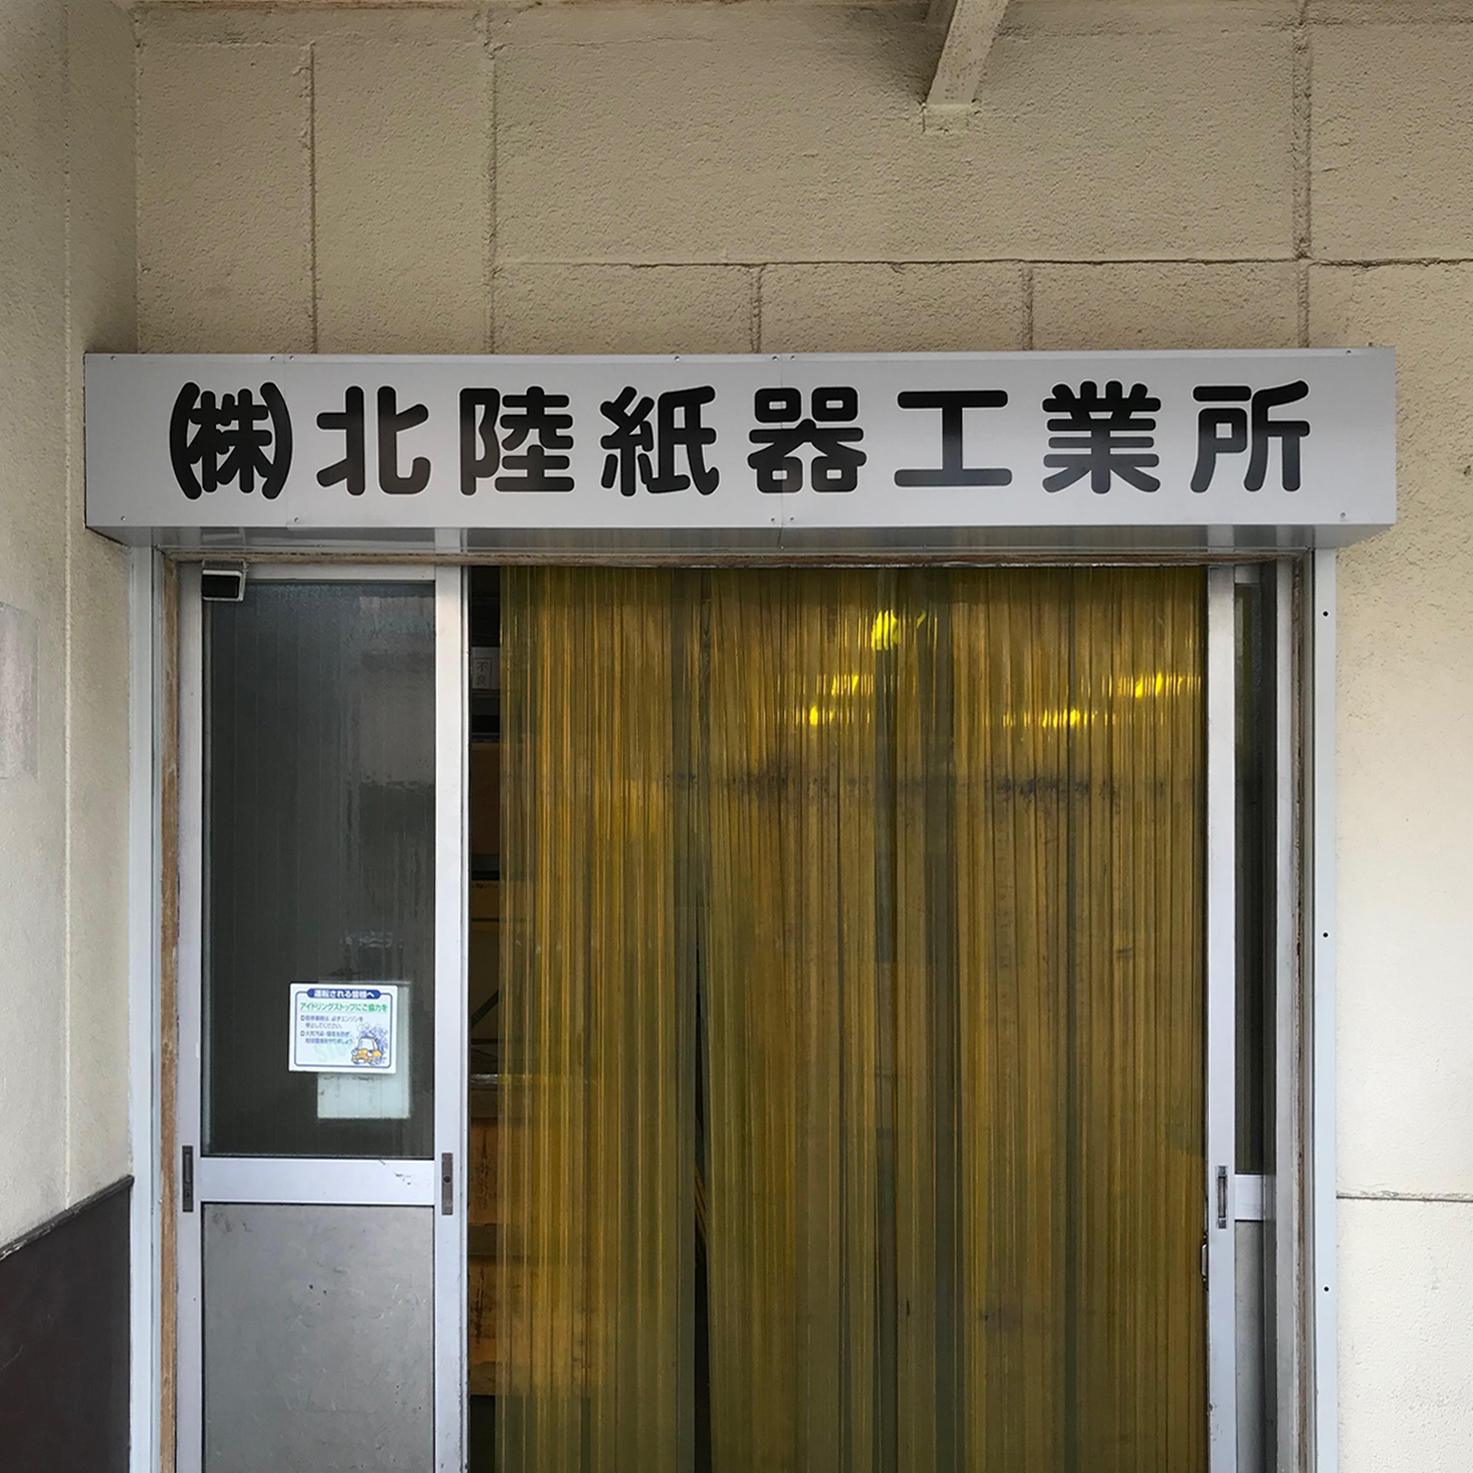 「株式会社 北陸紙器工業所」様シャッターケースに文字